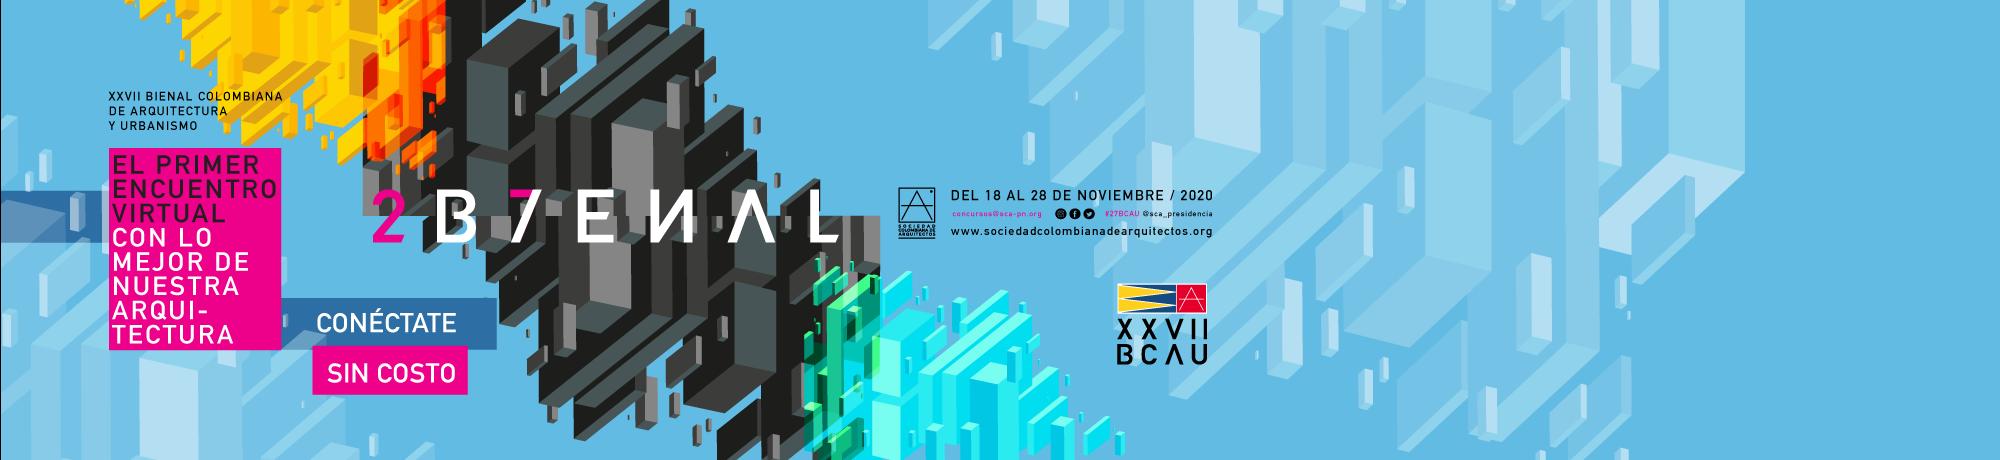 27 Bienal Colombiana de Arquitectura y Urbanismo - Slider4